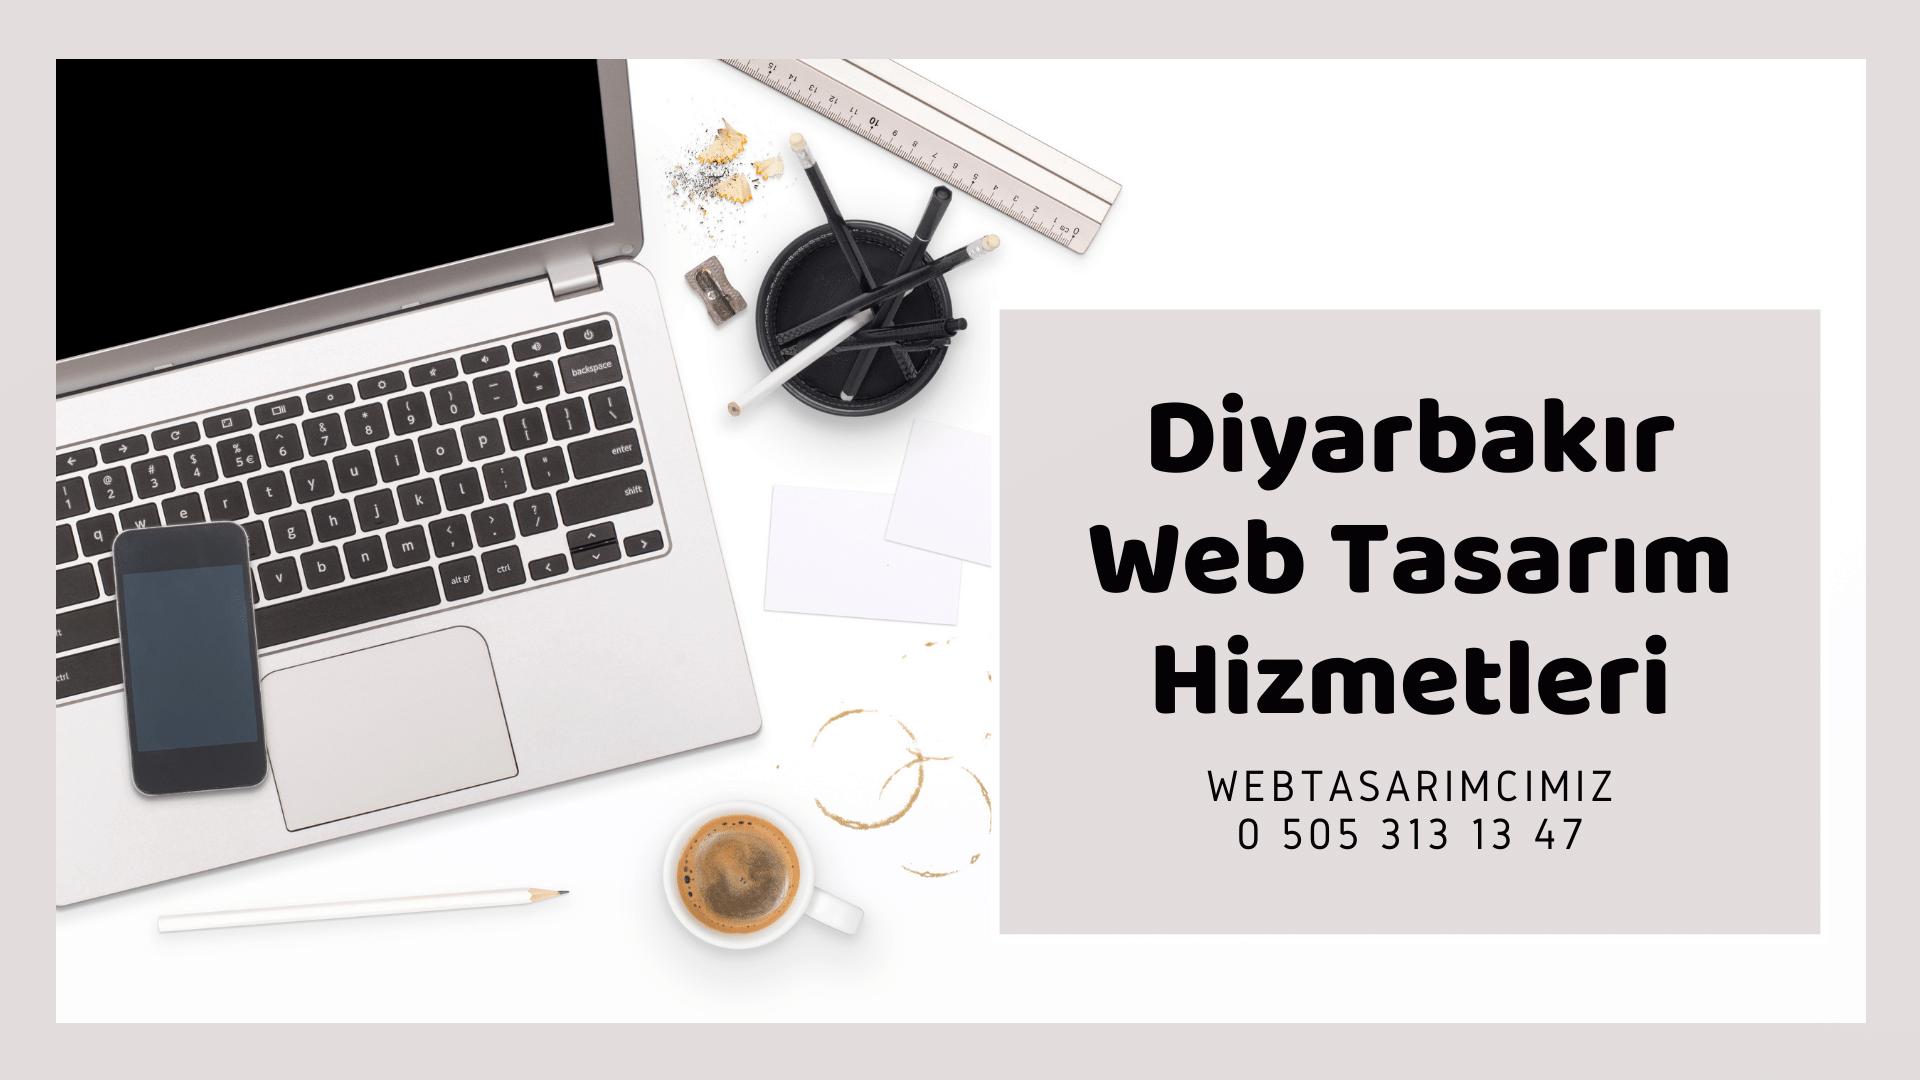 Diyarbakır Web Tasarım Hizmetleri